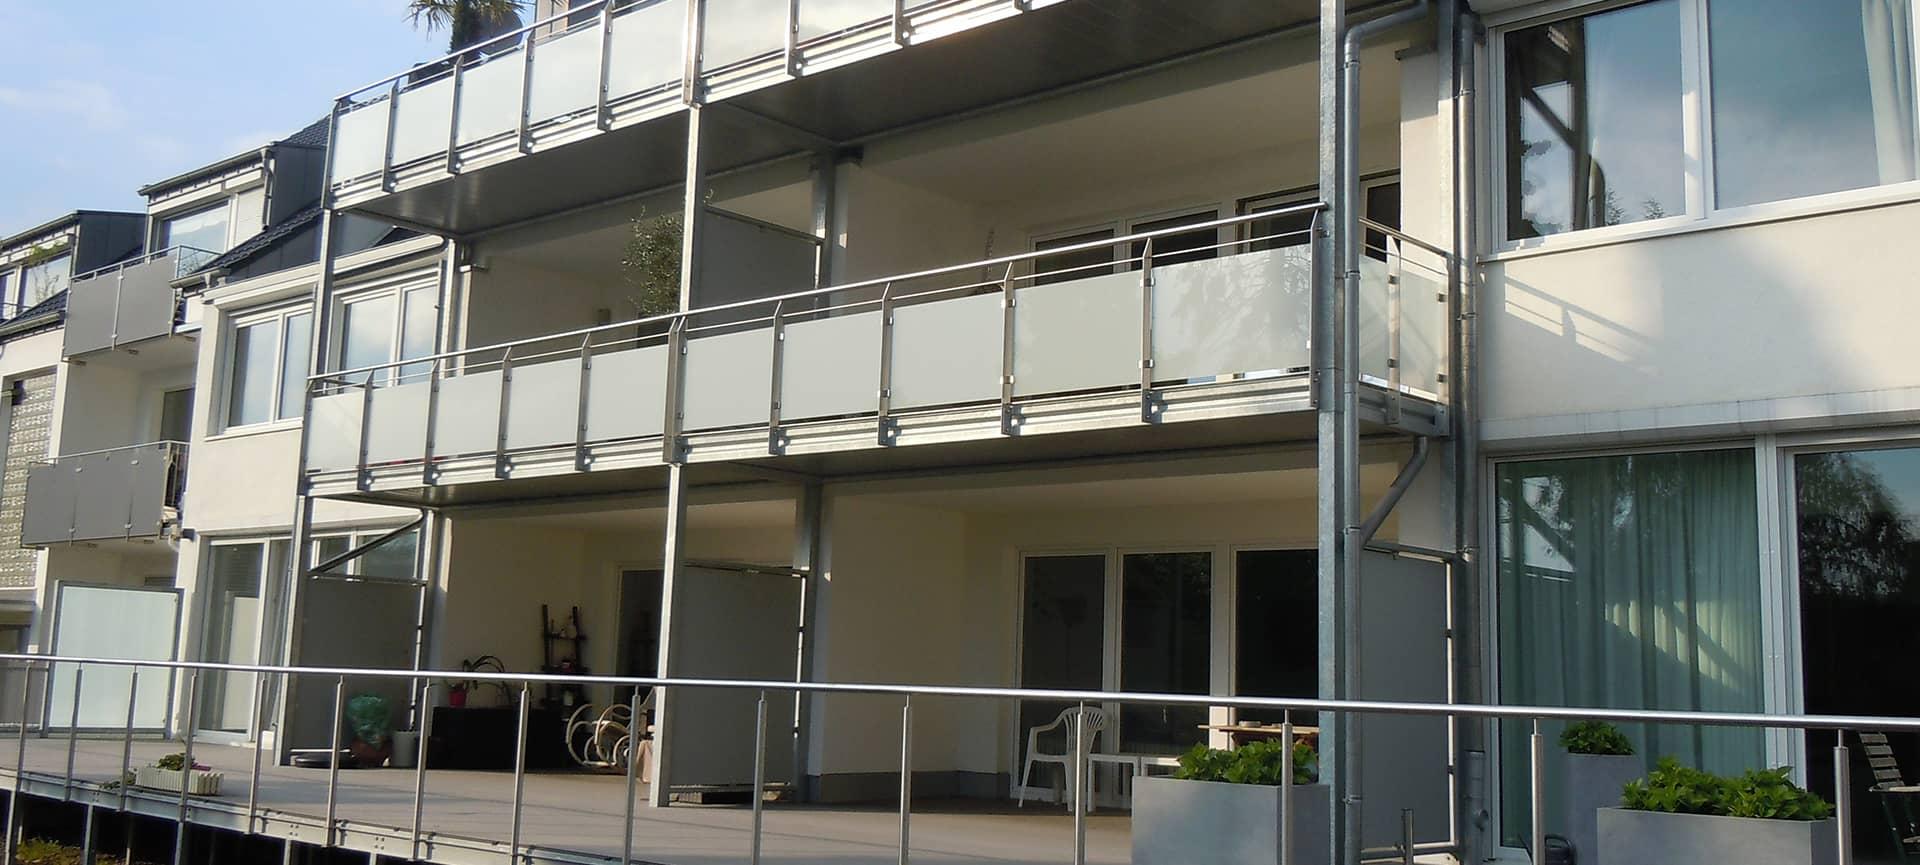 wohngebaeude mit grossen terrassen von ck immobilien